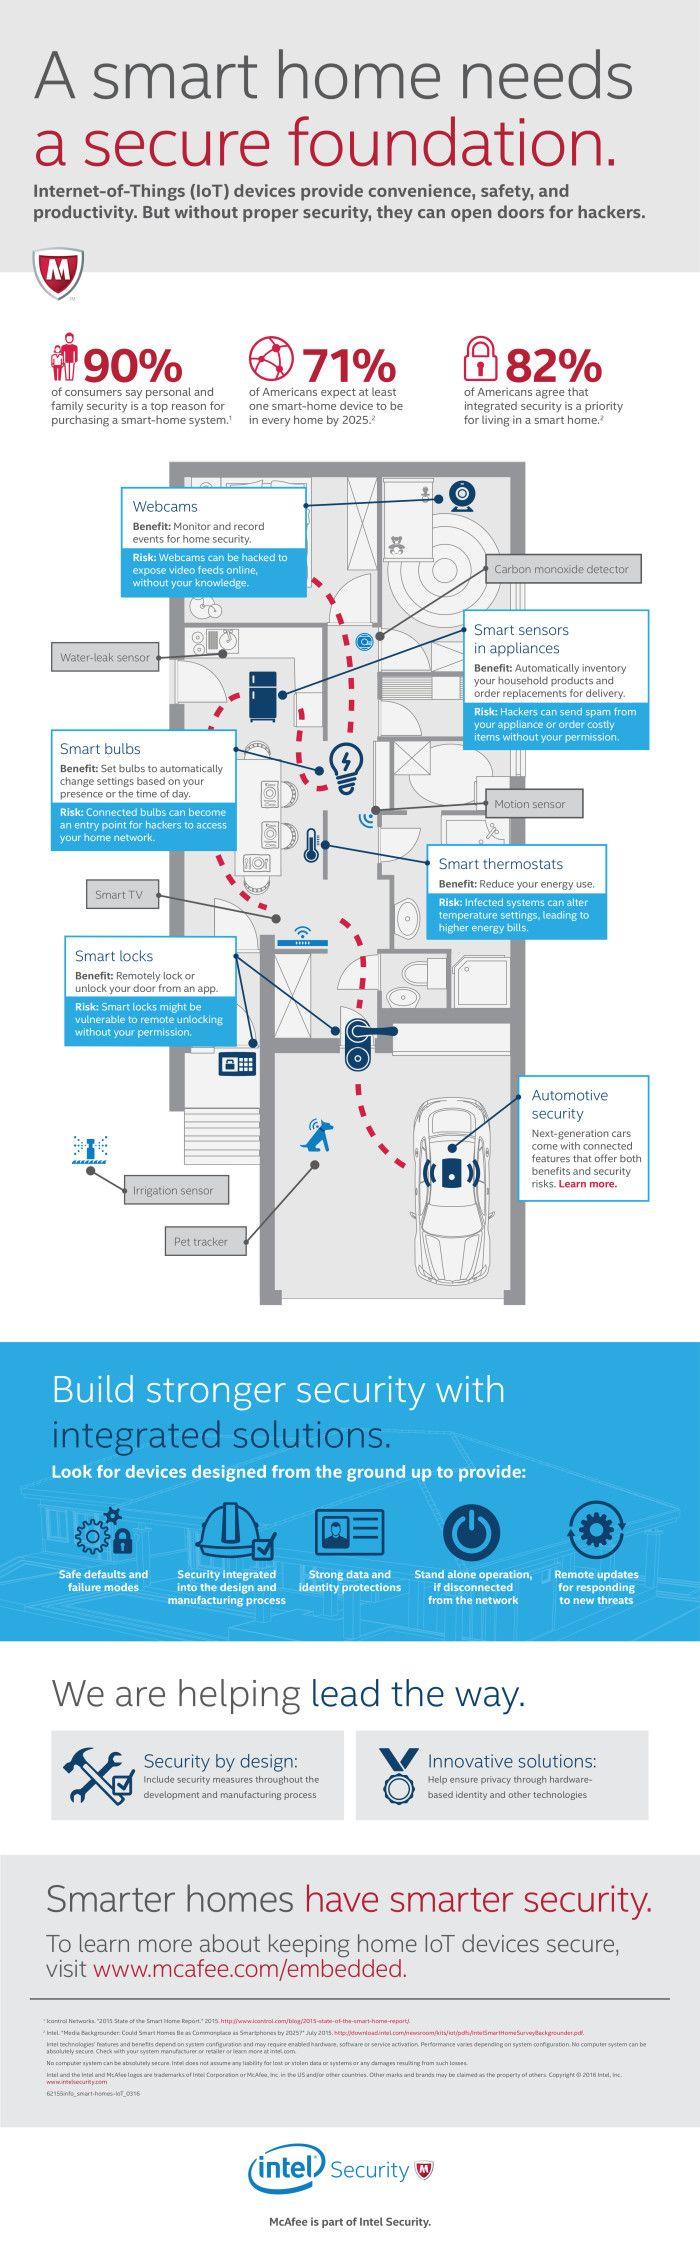 Intel Security presenteert resultaten onderzoek naar Internet of Things en Smart Homes - http://infosecuritymagazine.nl/2016/04/01/intel-security-presenteert-resultaten-onderzoek-naar-internet-of-things-en-smart-homes/